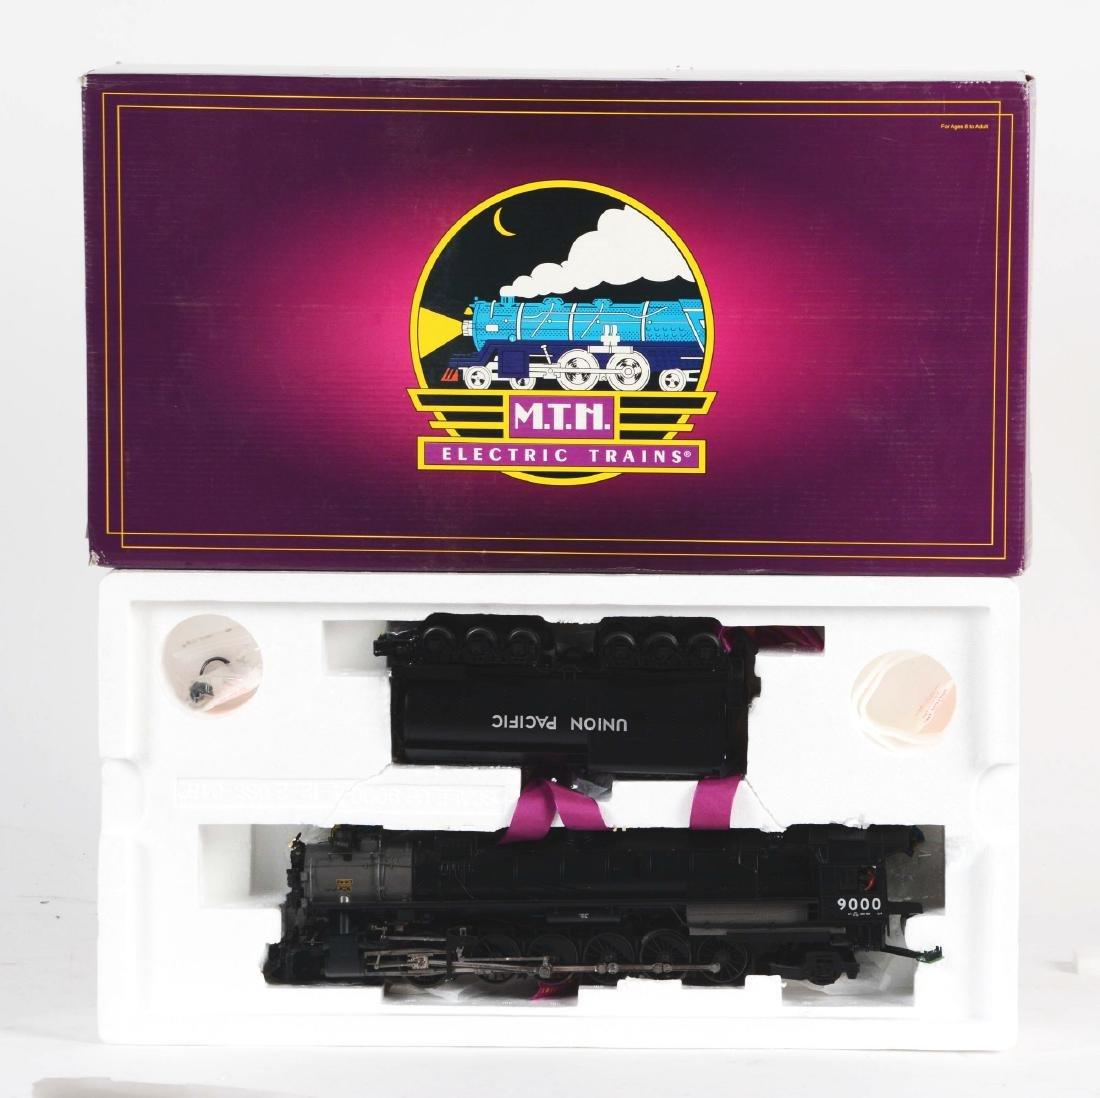 MTH 4-12-2 9000 Steam Engine In Box.